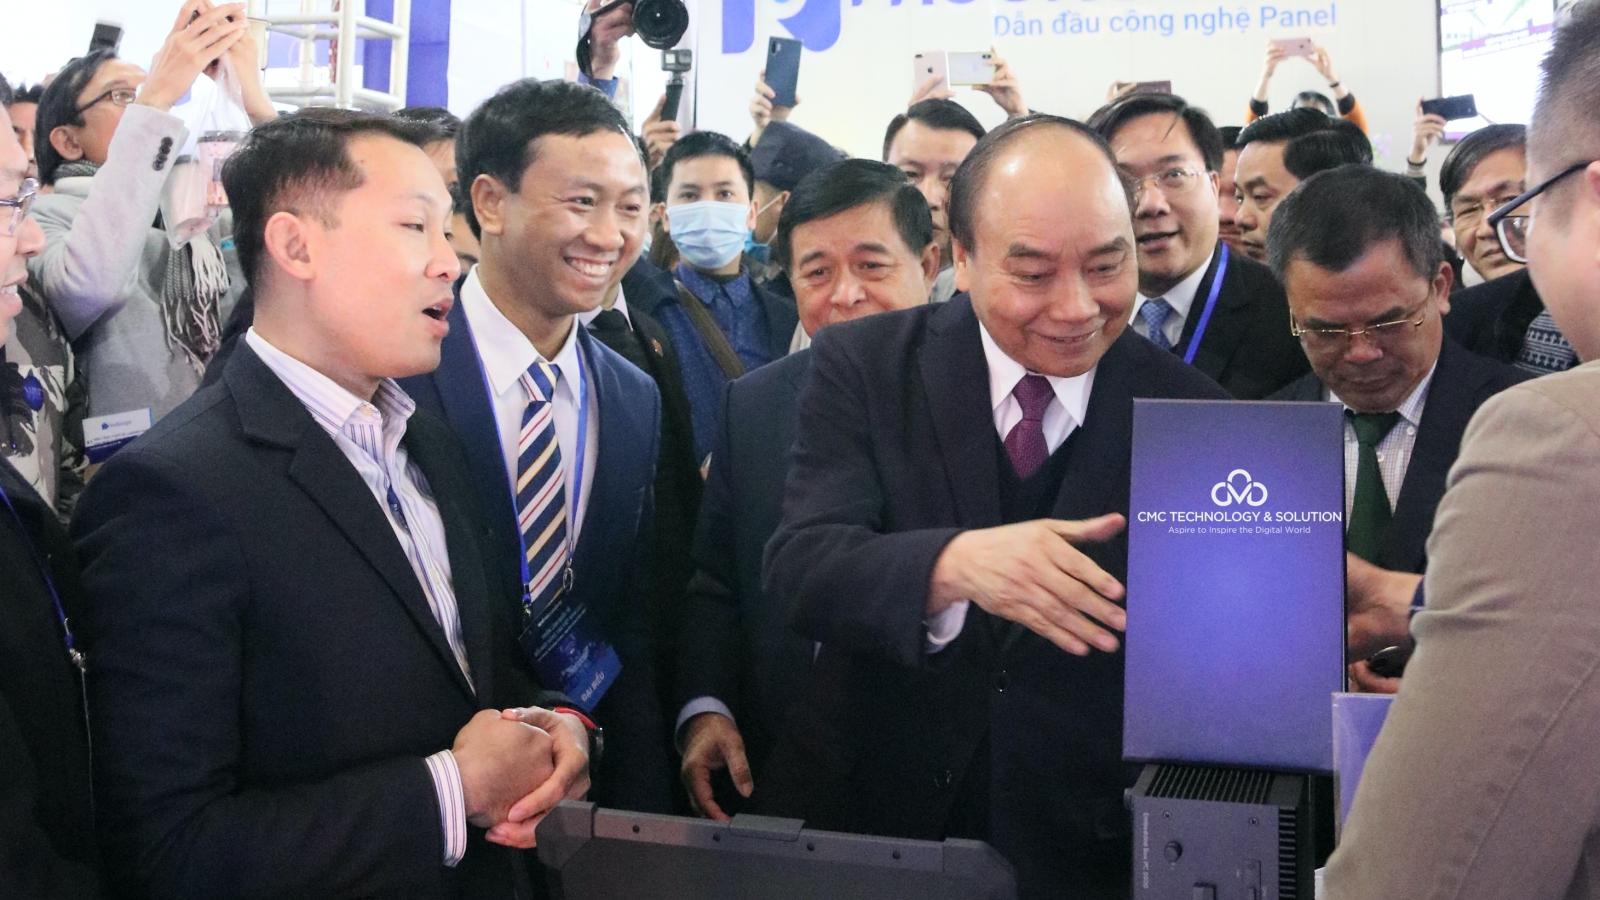 Hệ sinh thái sản phẩm CMC ghi điểm tại Triển lãm Quốc tế Đổi mới sáng tạo Việt Nam